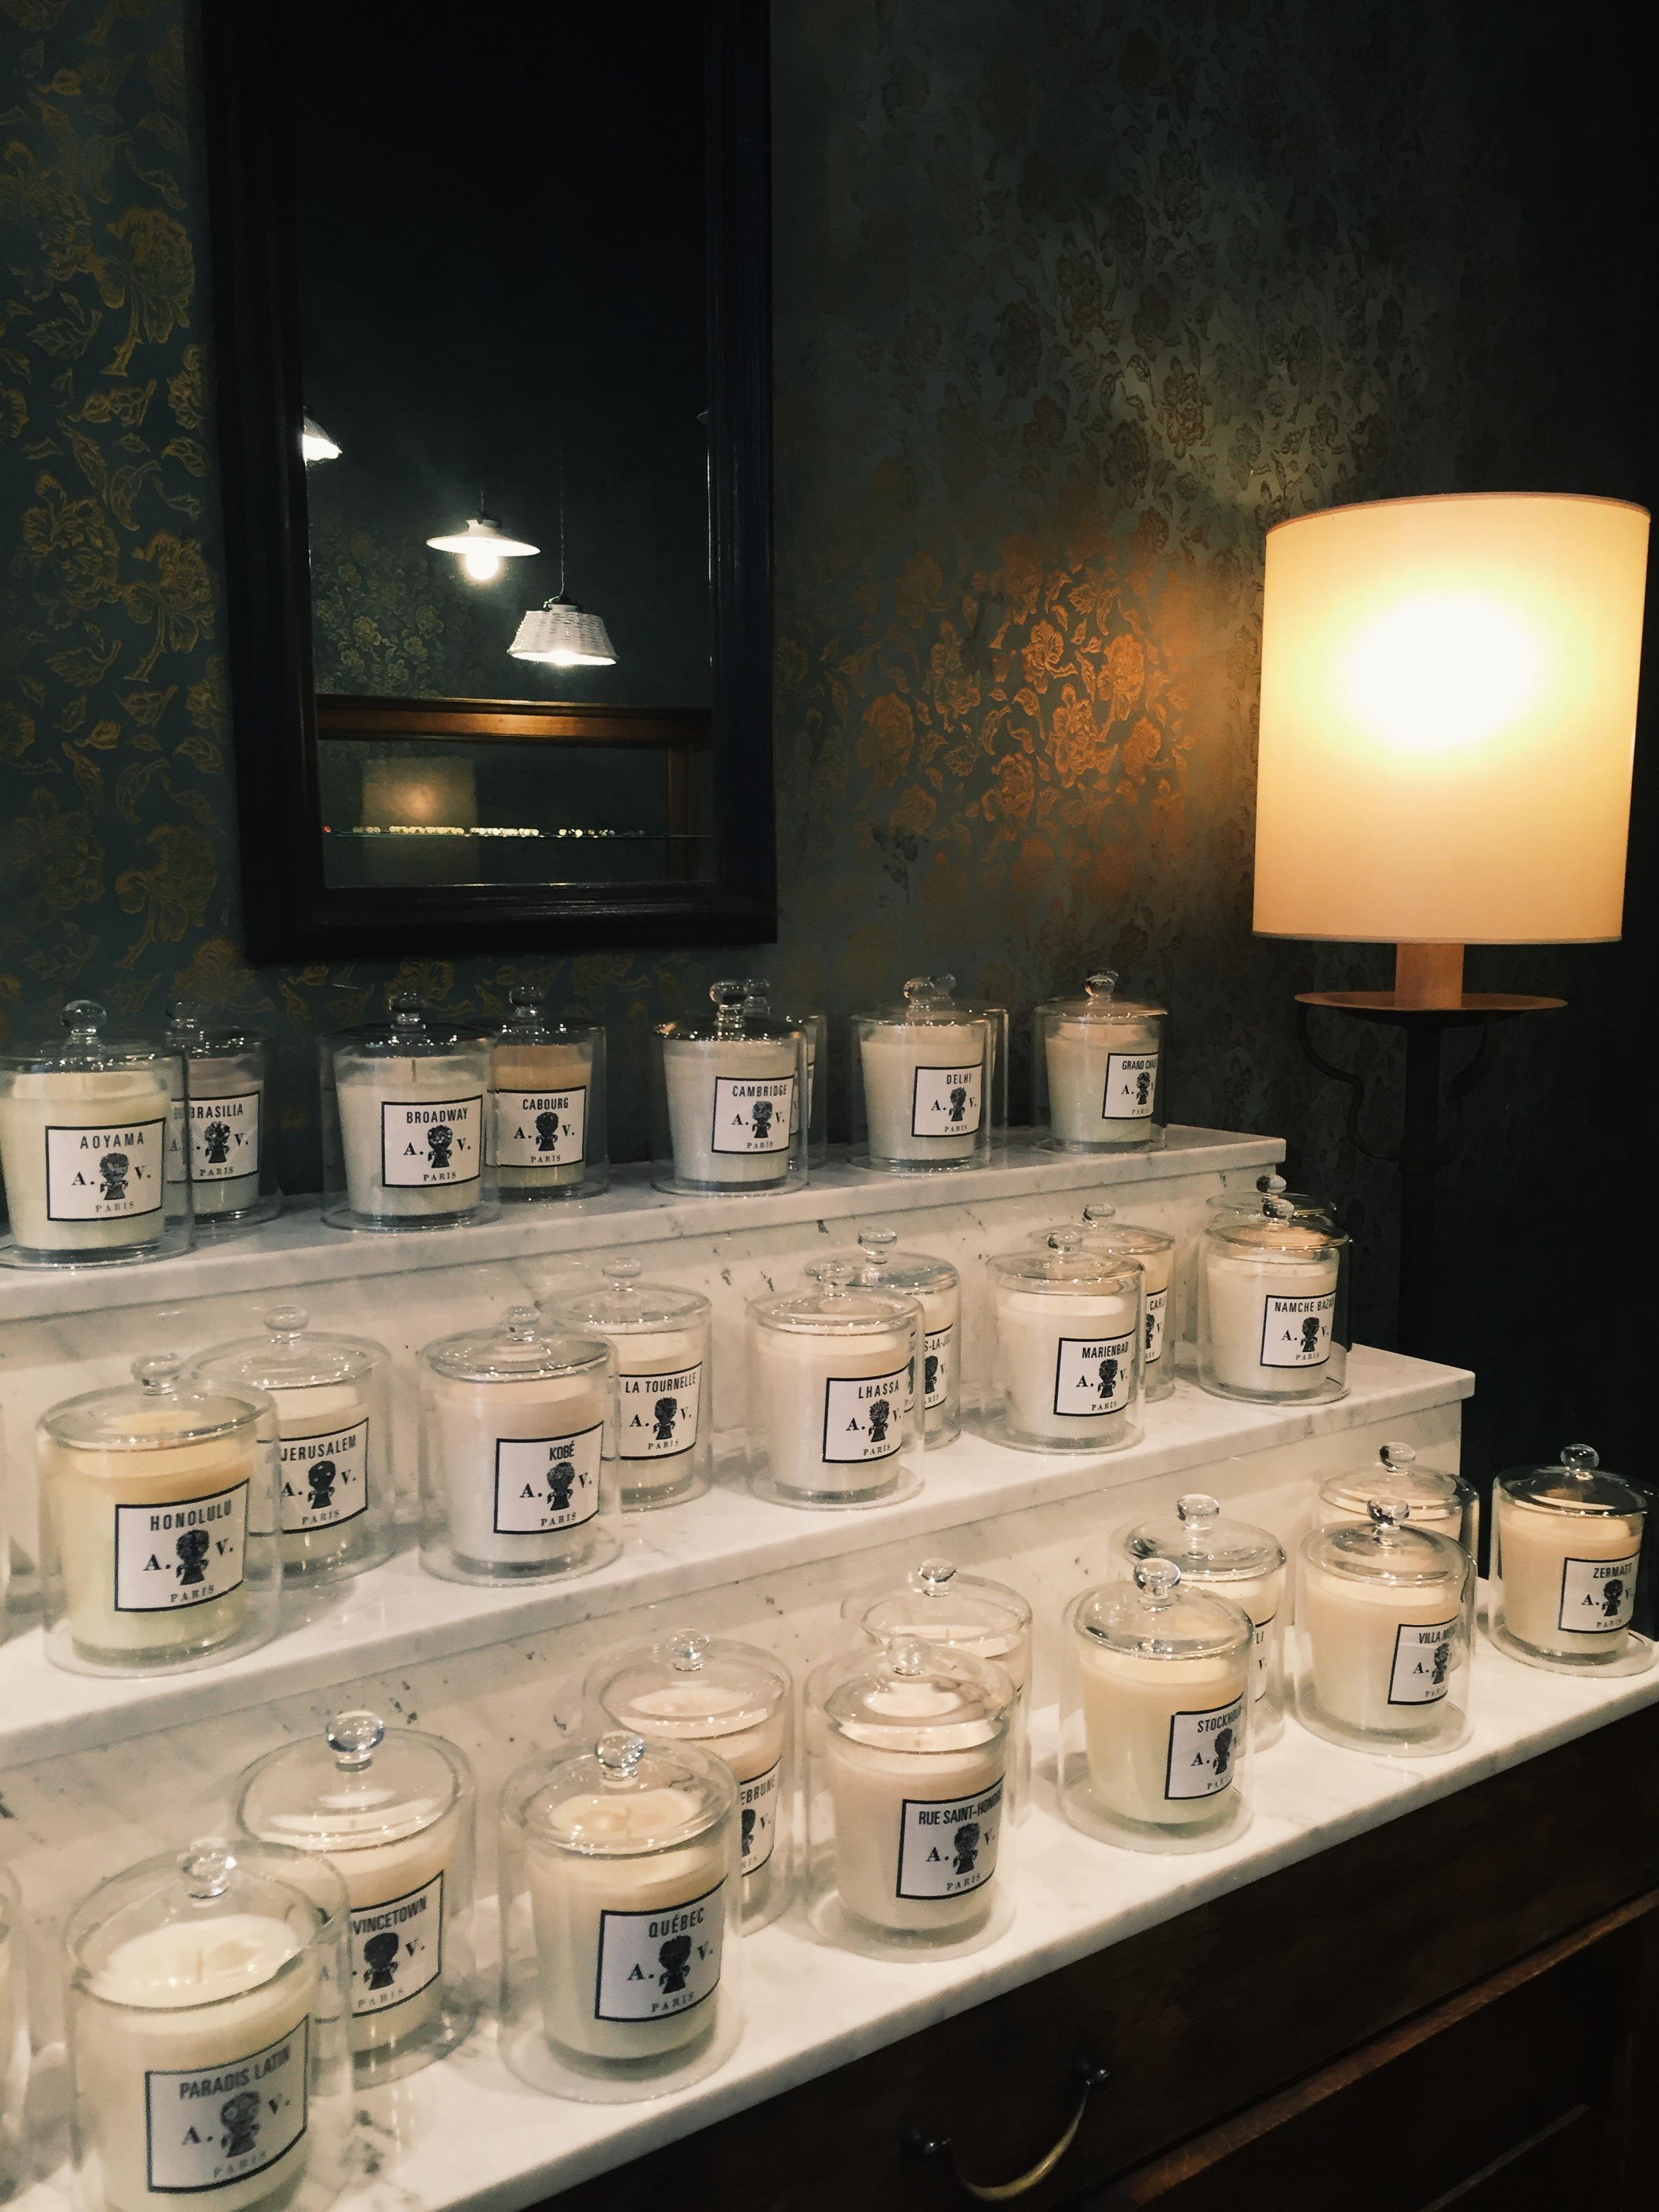 Astier de Villayte 除了碗盤也有香氛蠟燭,特製的香氛希望營造 '家' 的感覺。